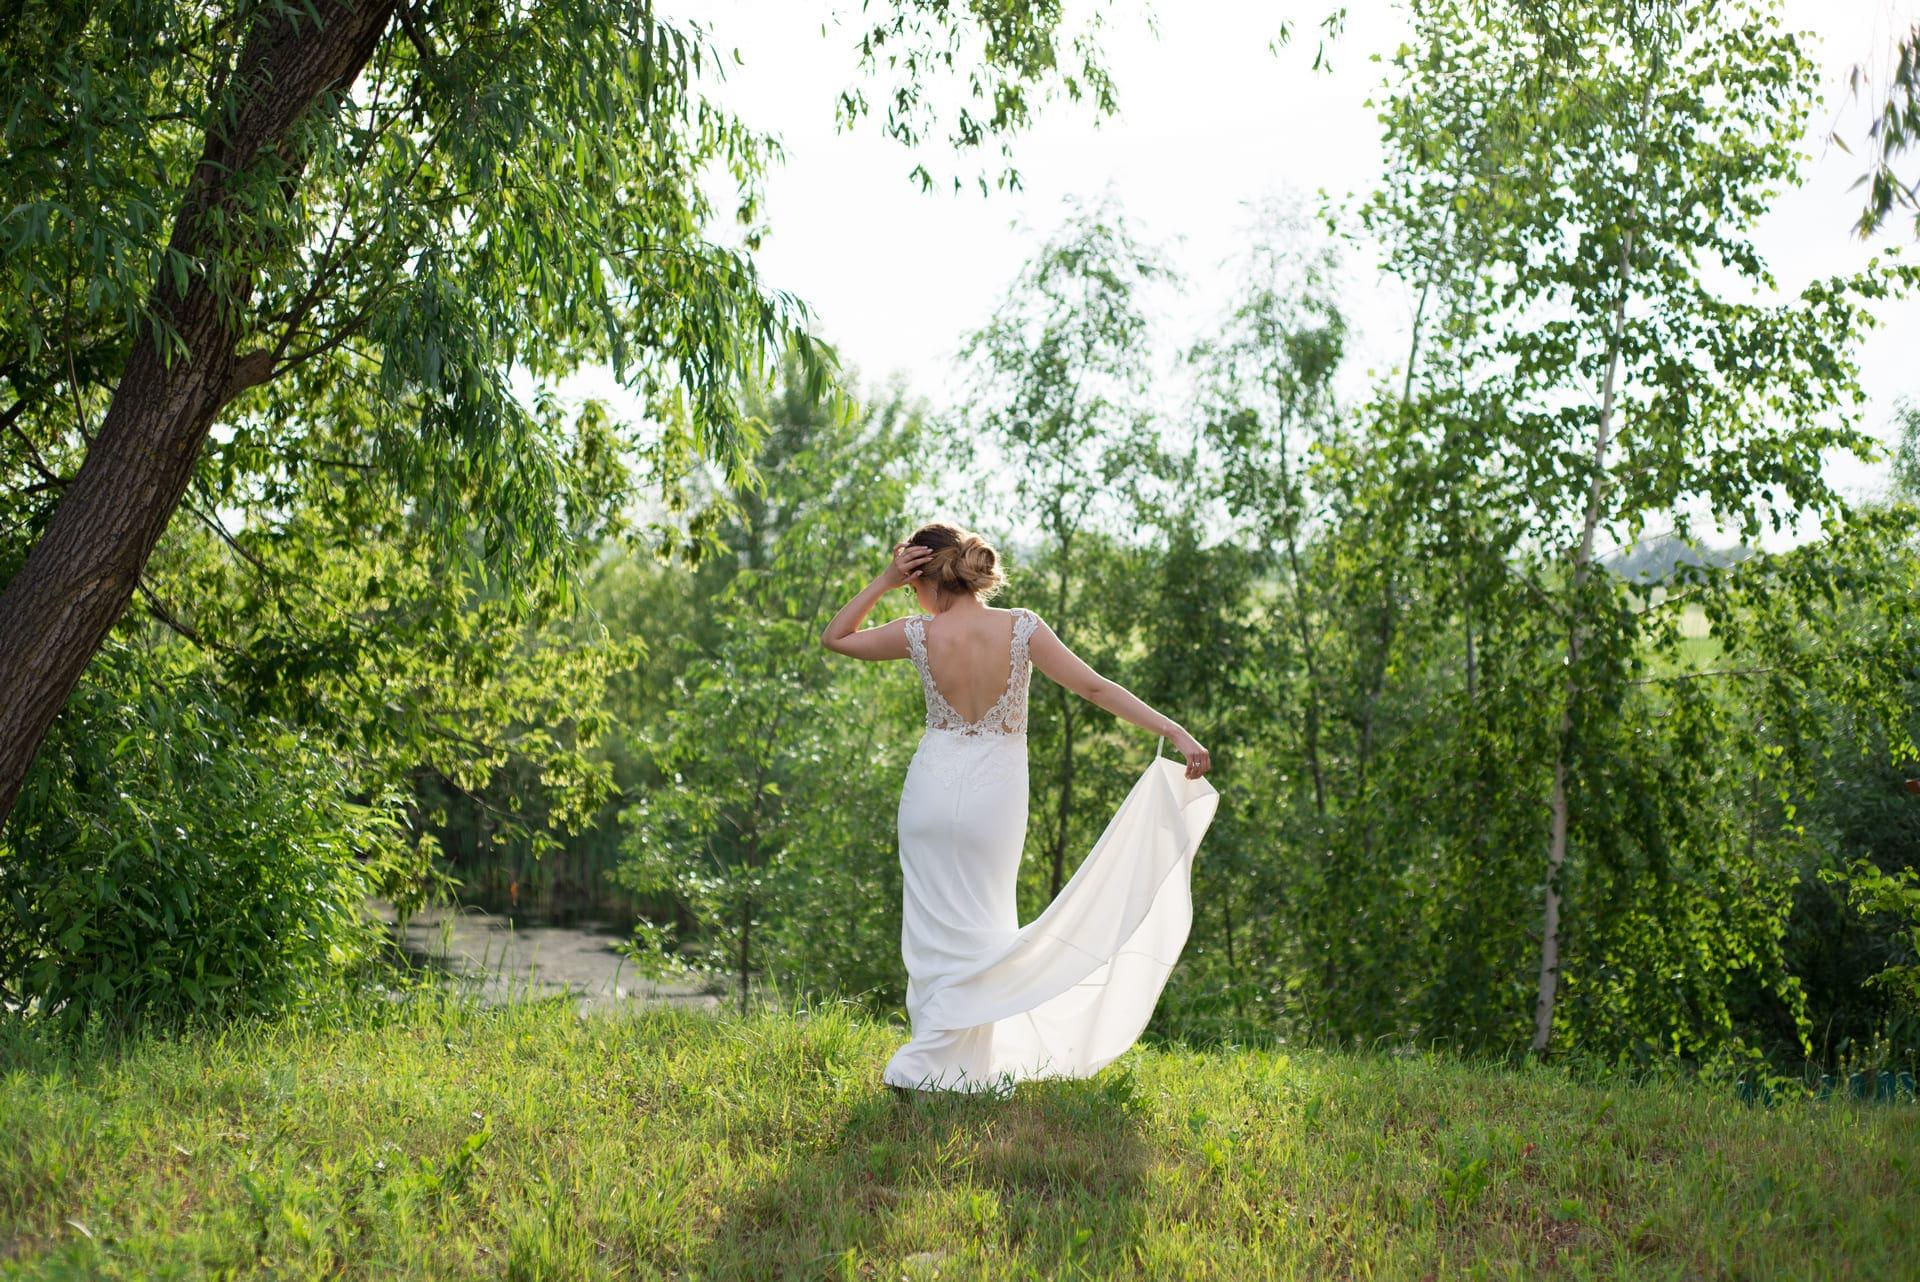 Свадебная фотосессия в Межигорье: Невеста на берегу реки любуется закатом